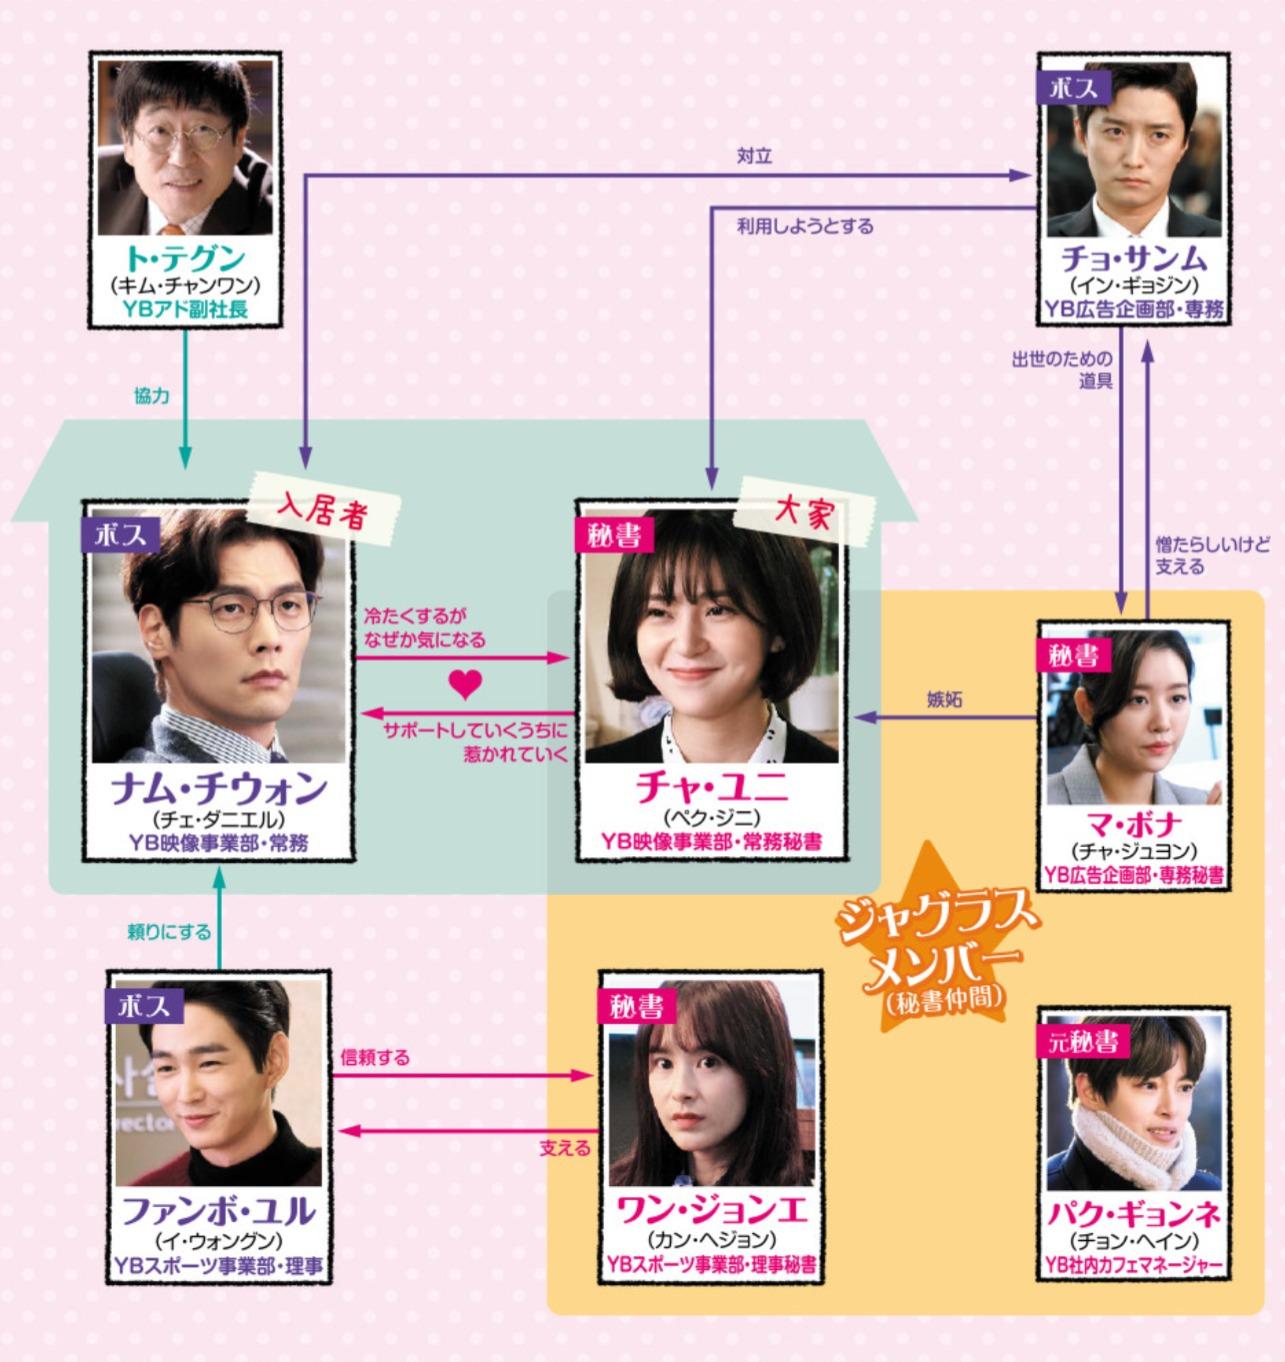 韓国ドラマ『ジャグラス~氷のボスに恋の魔法を~』登場人物相関図(関係図)